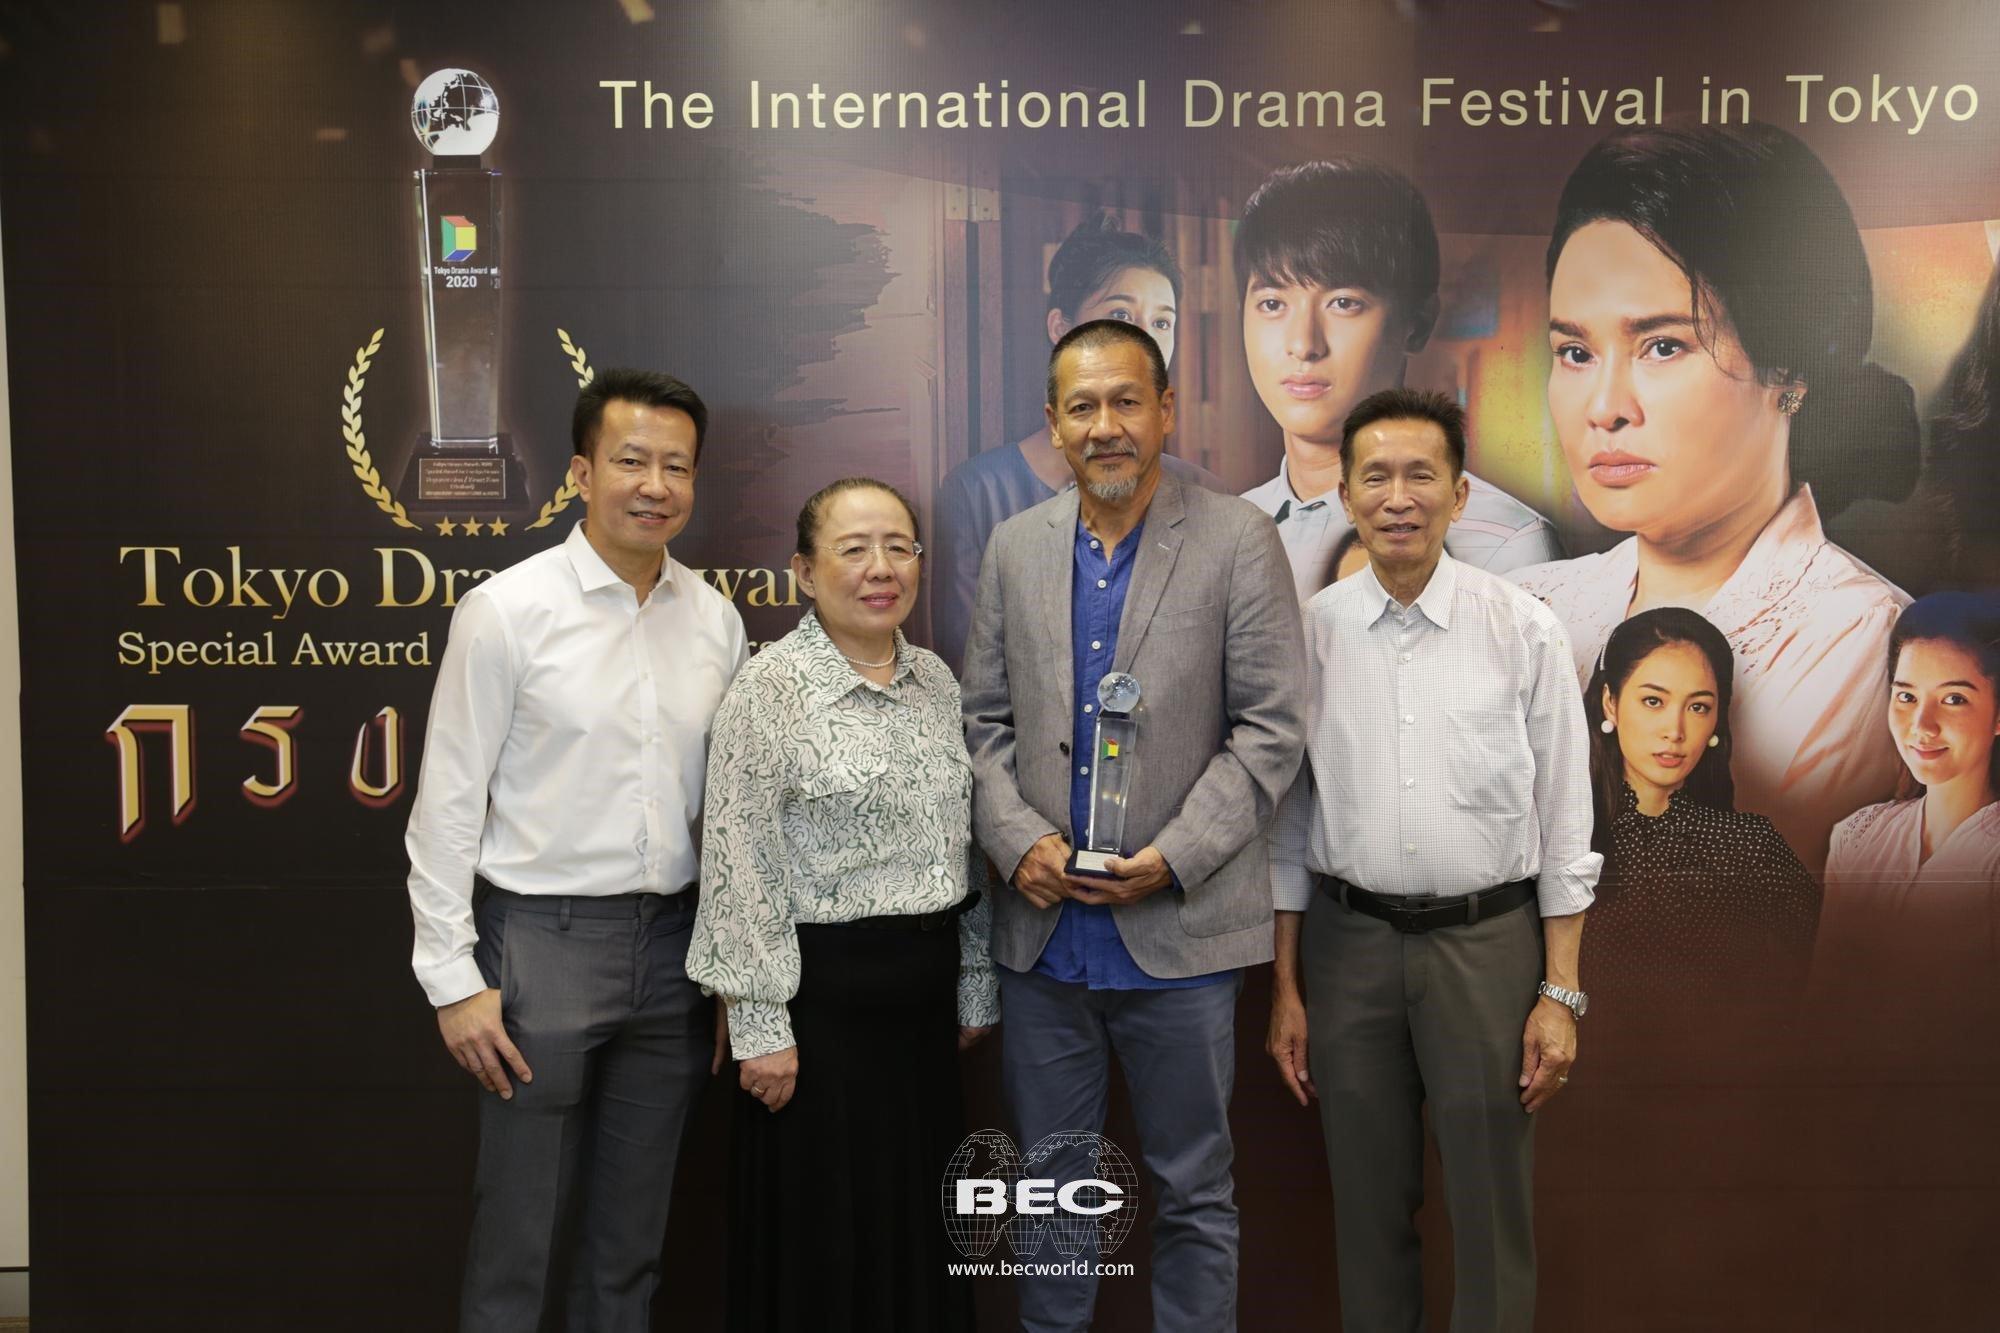 """ละครเรื่อง """"กรงกรรม"""" เป็นละครไทยเรื่องเดียวที่ได้รับรางวัล TOKYO DRAMA AWARD สาขาละครต่างประเทศยอดเยี่ยม ปี 2020"""